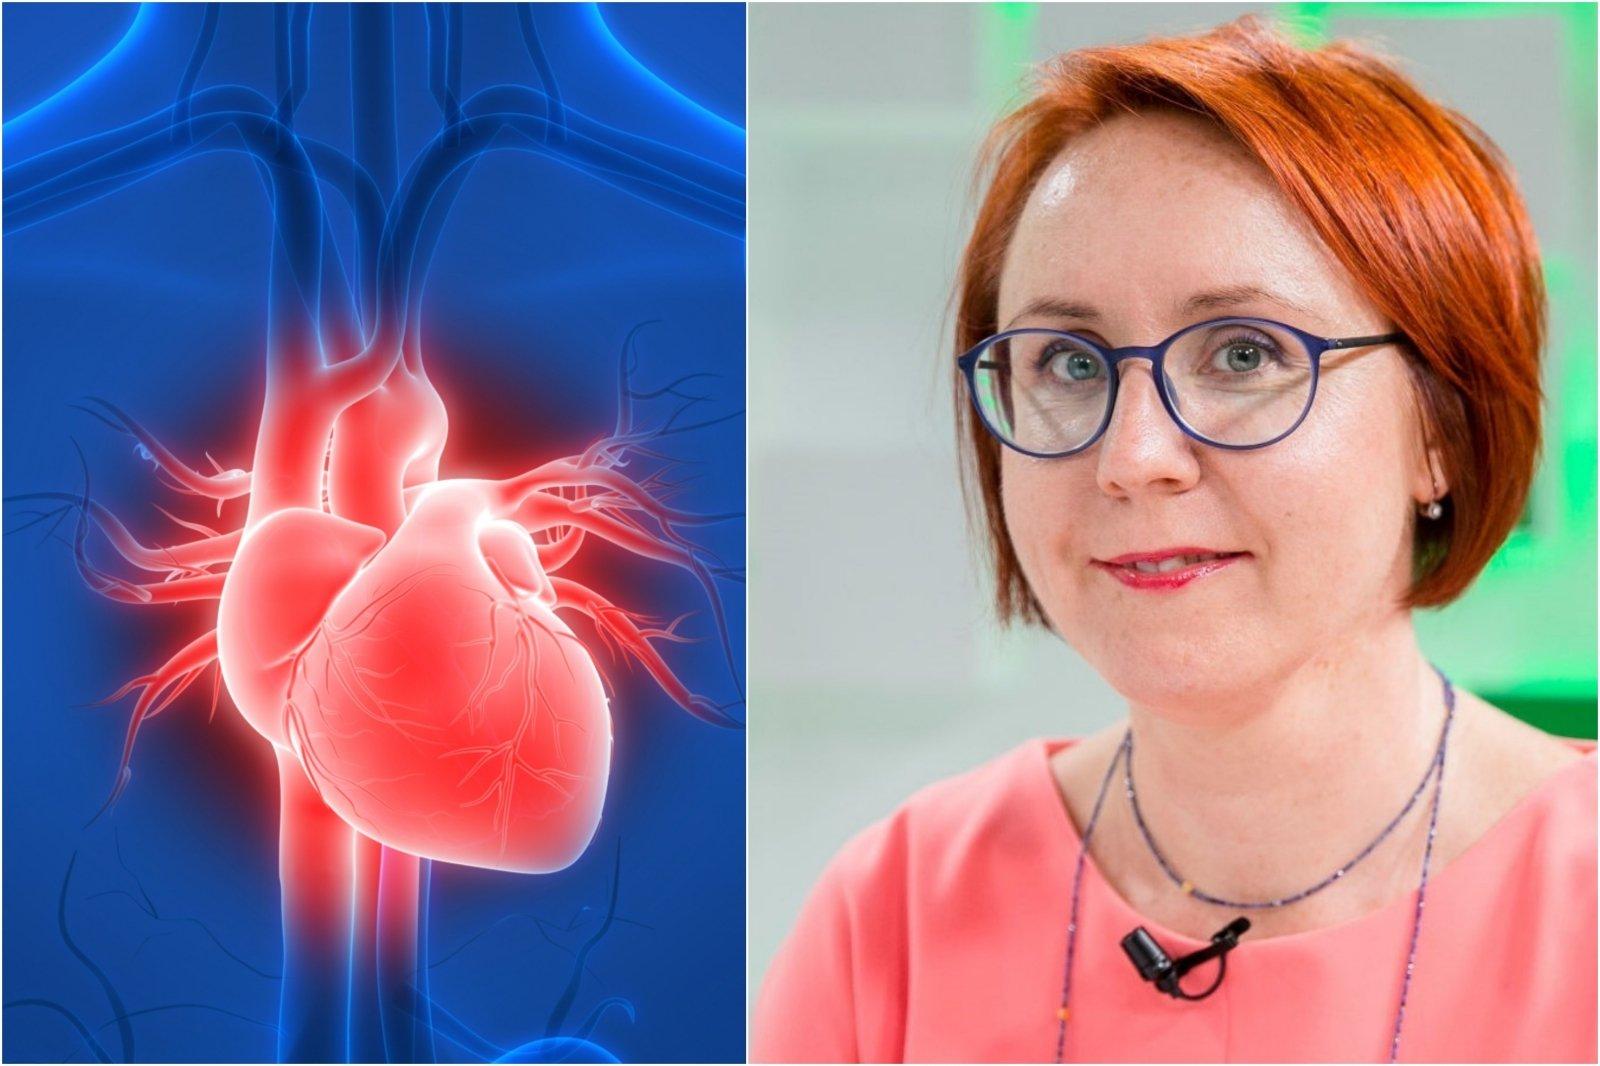 sveikatos skatinimas sergant širdies ligomis)